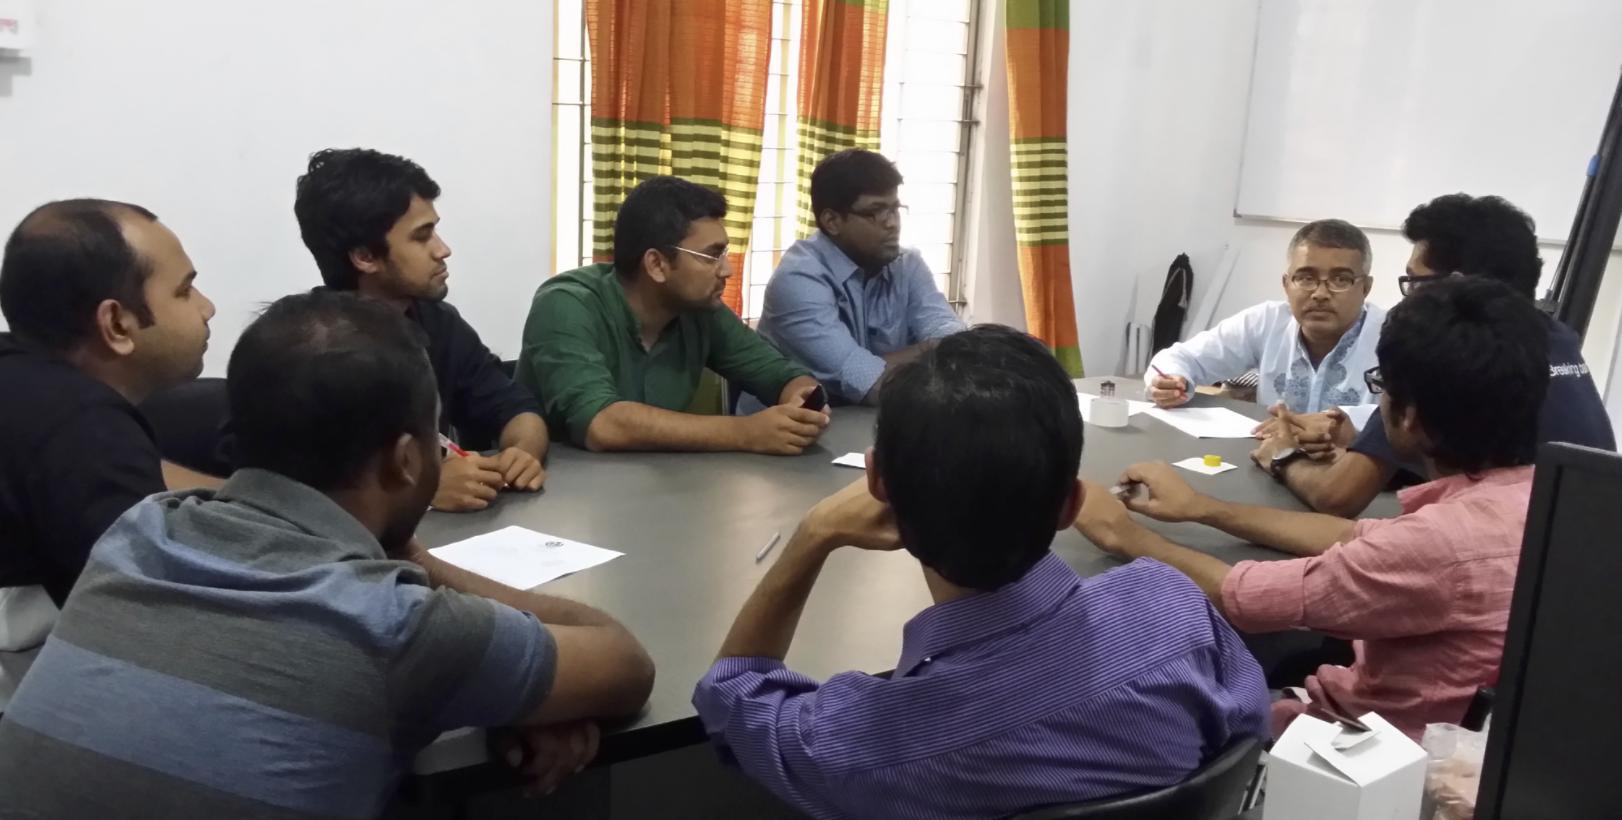 Residency interview rank meeting